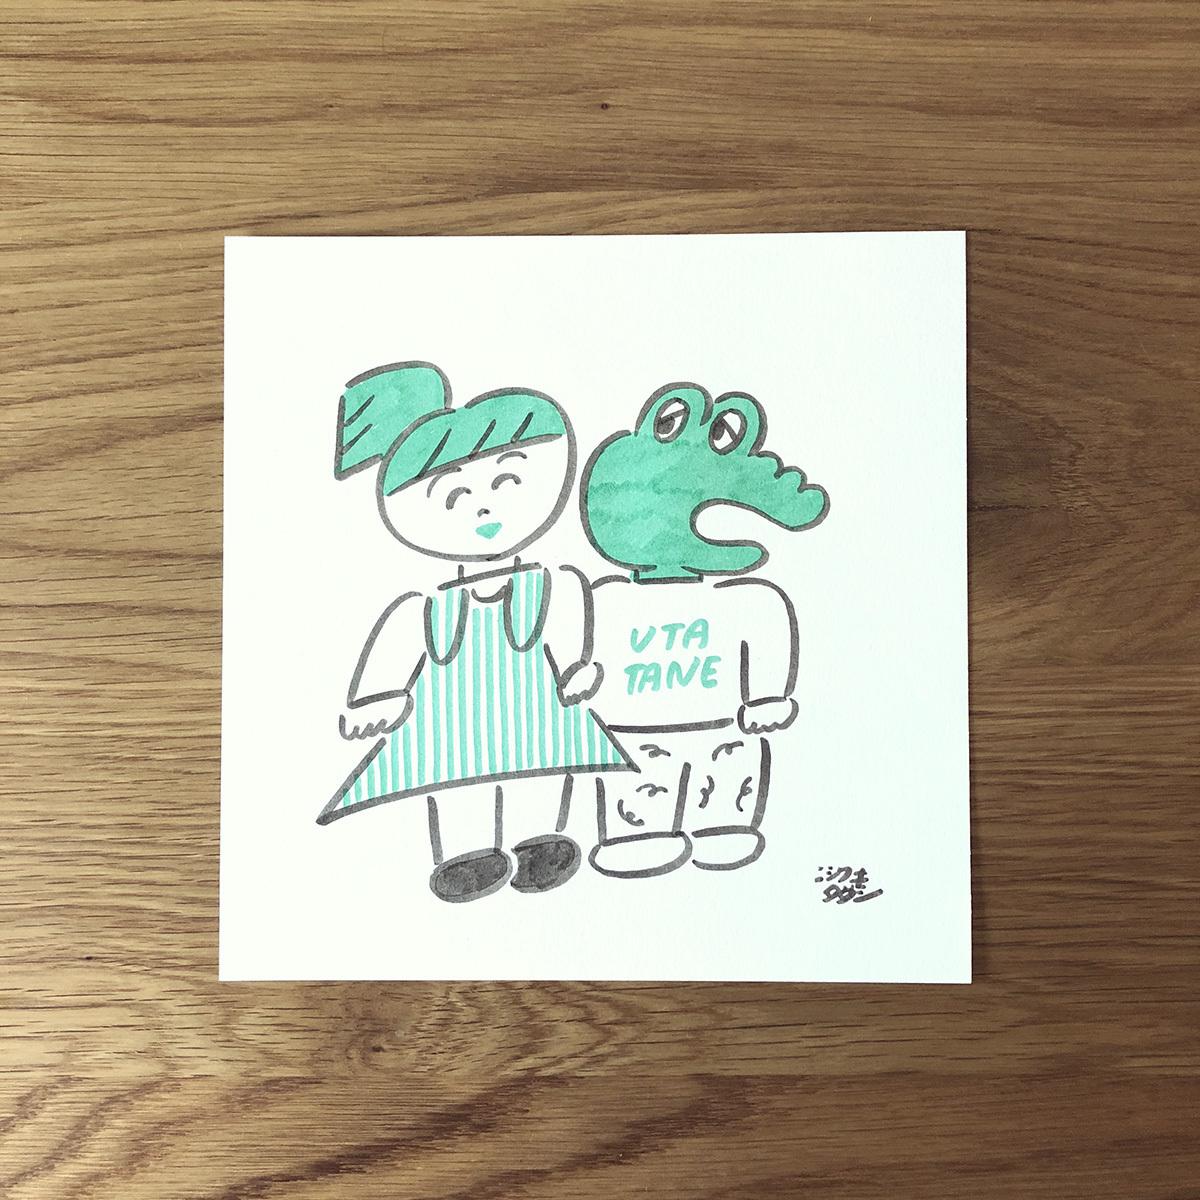 【ニシワキタダシ個展】なにかしらと似顔絵 メールオーダー